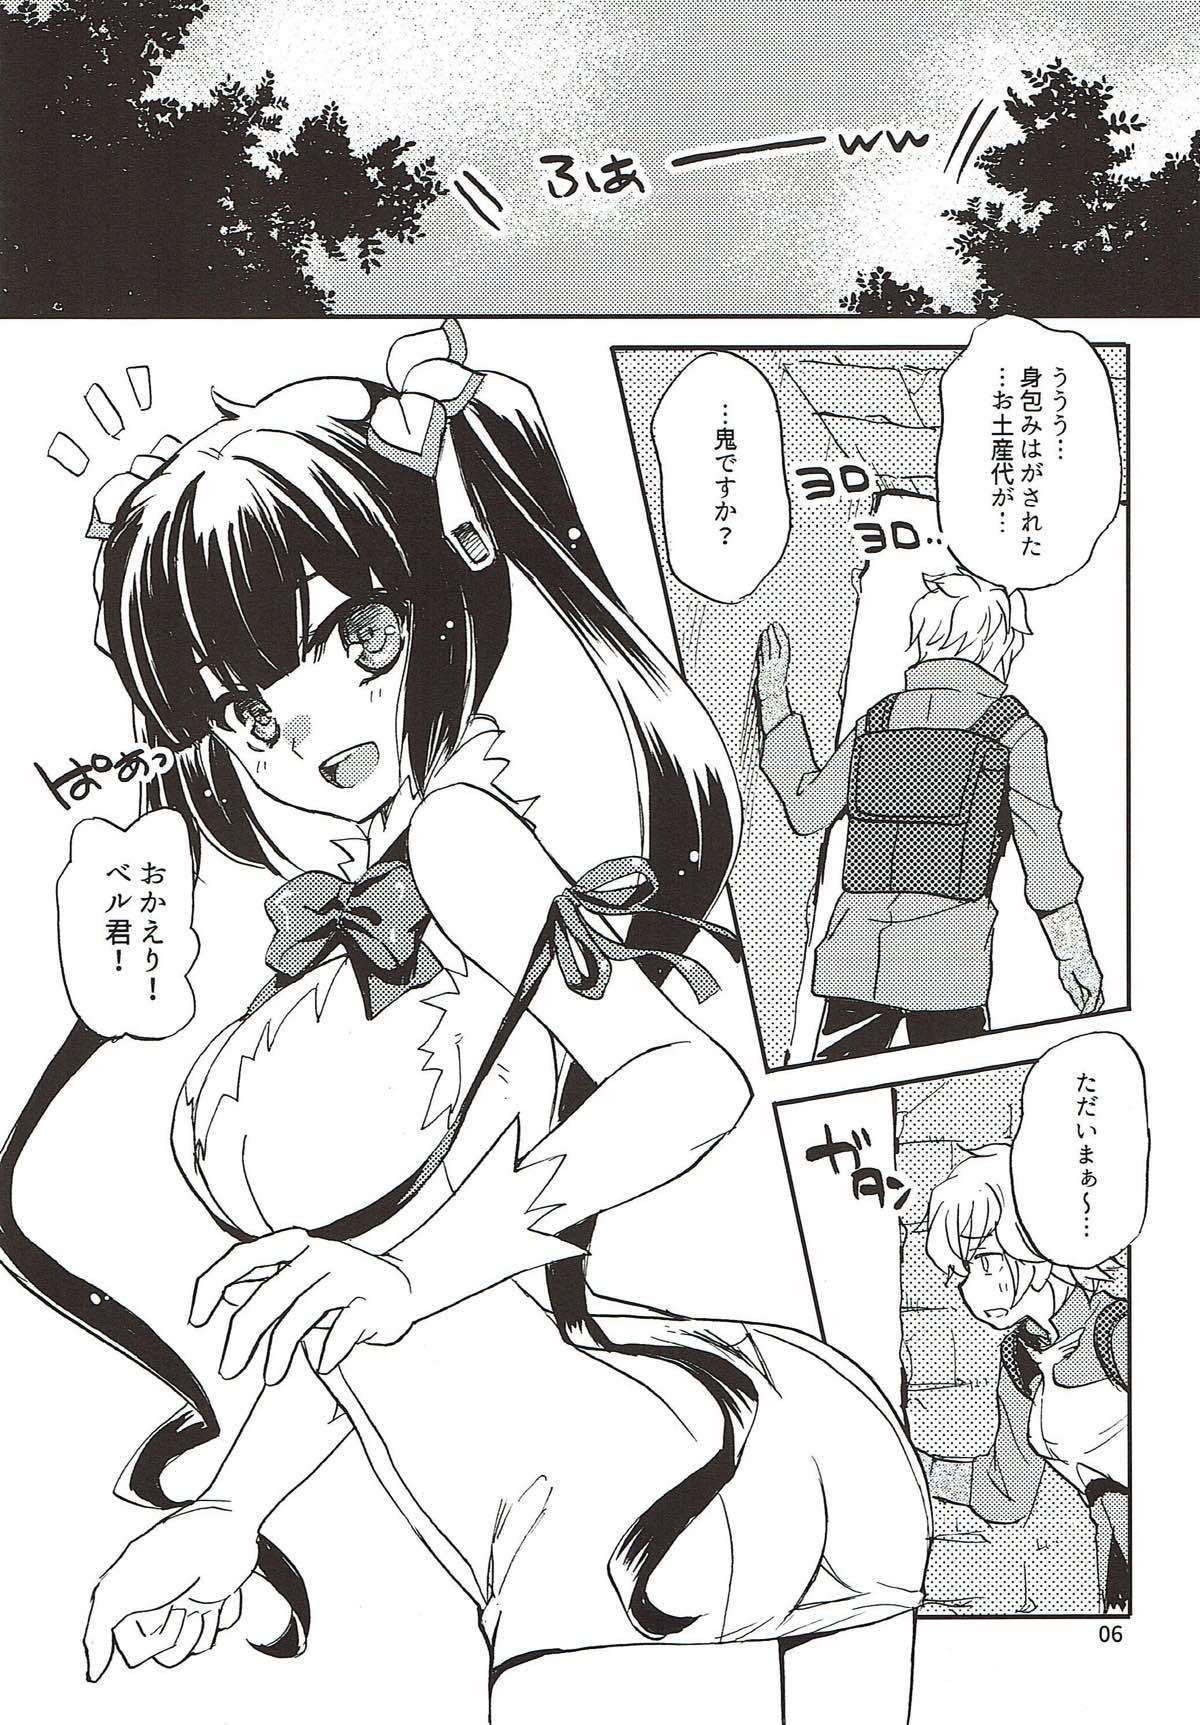 Kami-sama no Takaramono 2